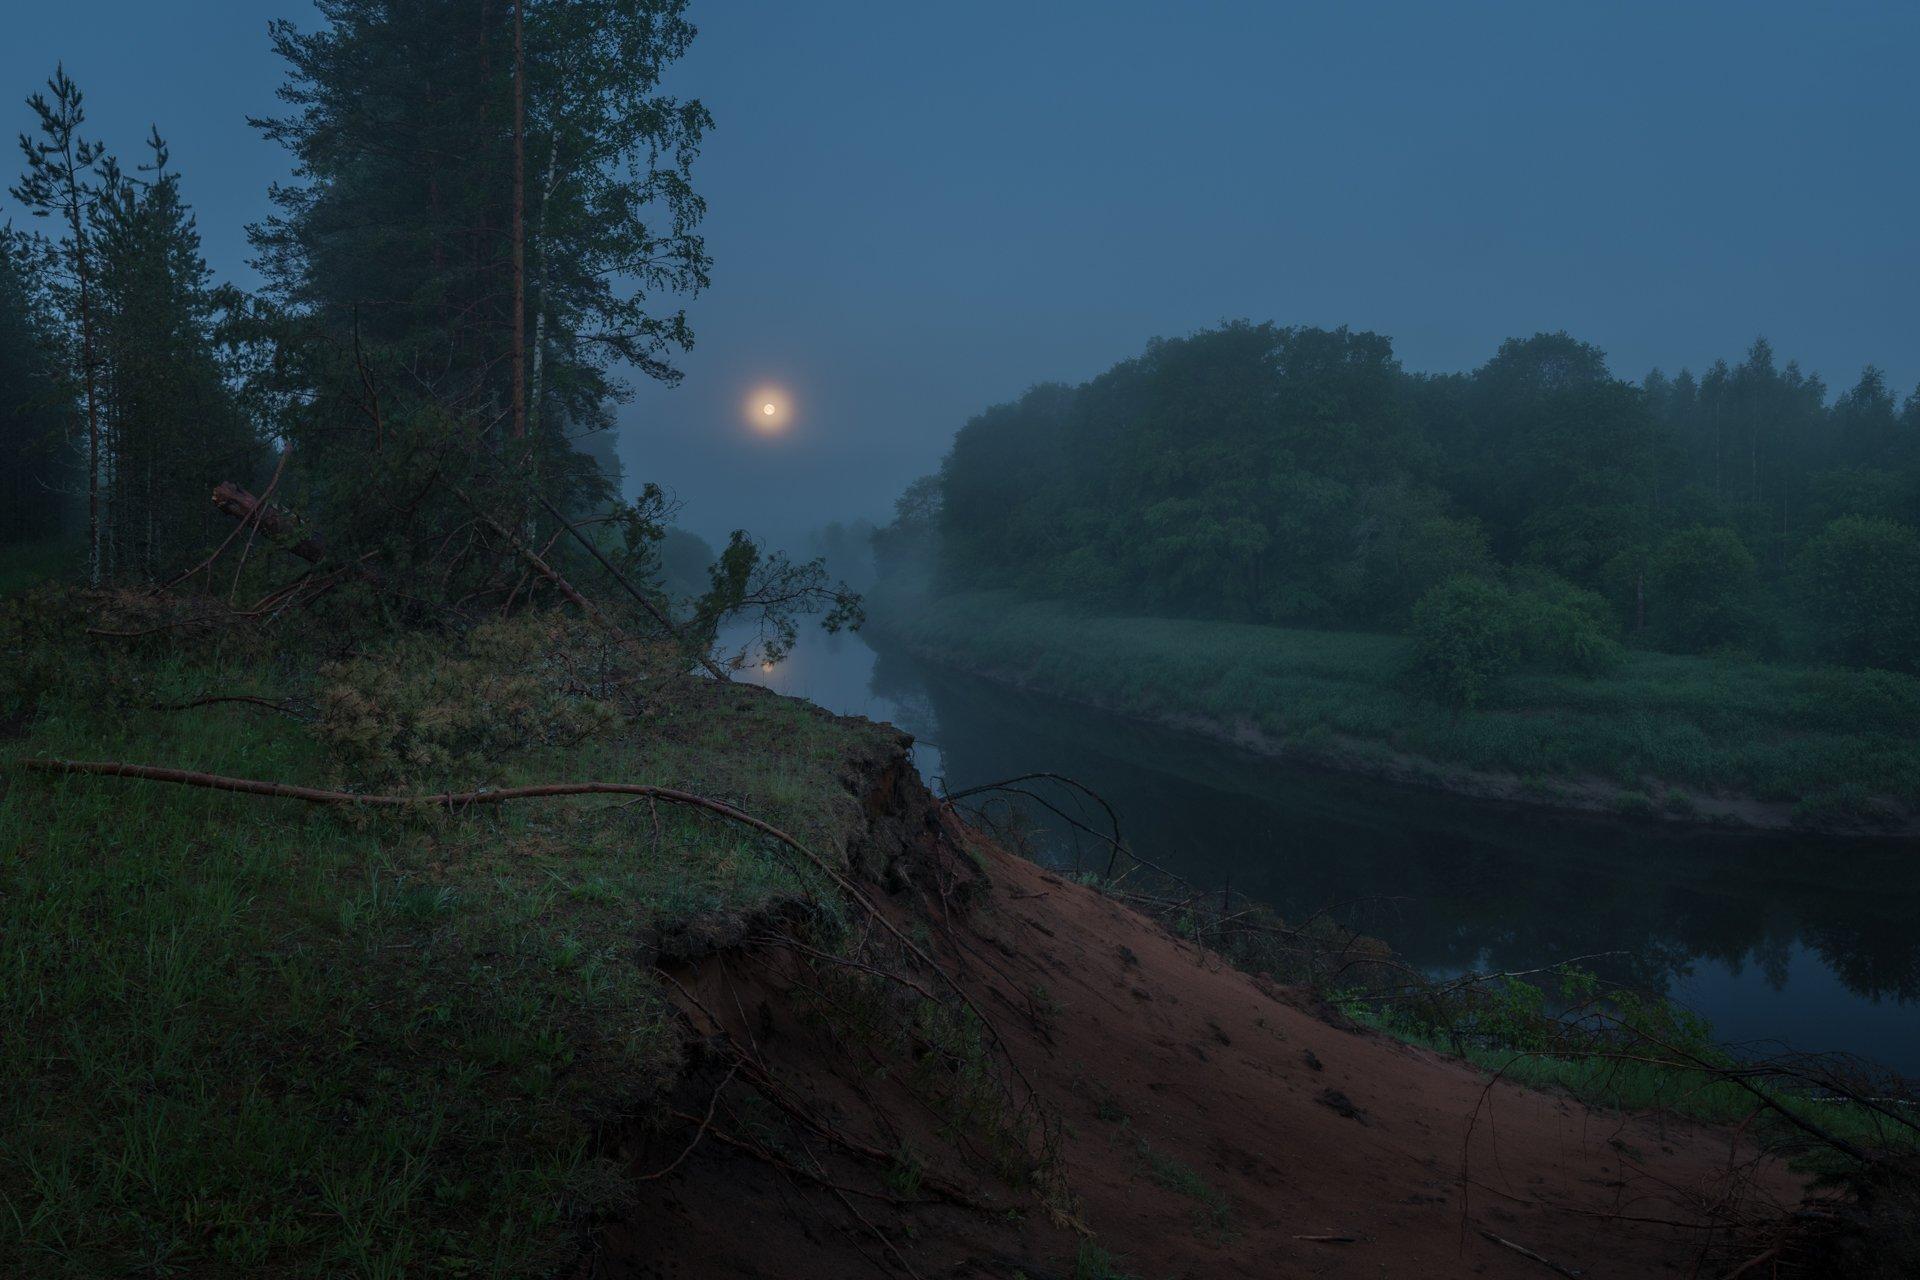 новгородская область, ночь, луна, туман, Роман Ф